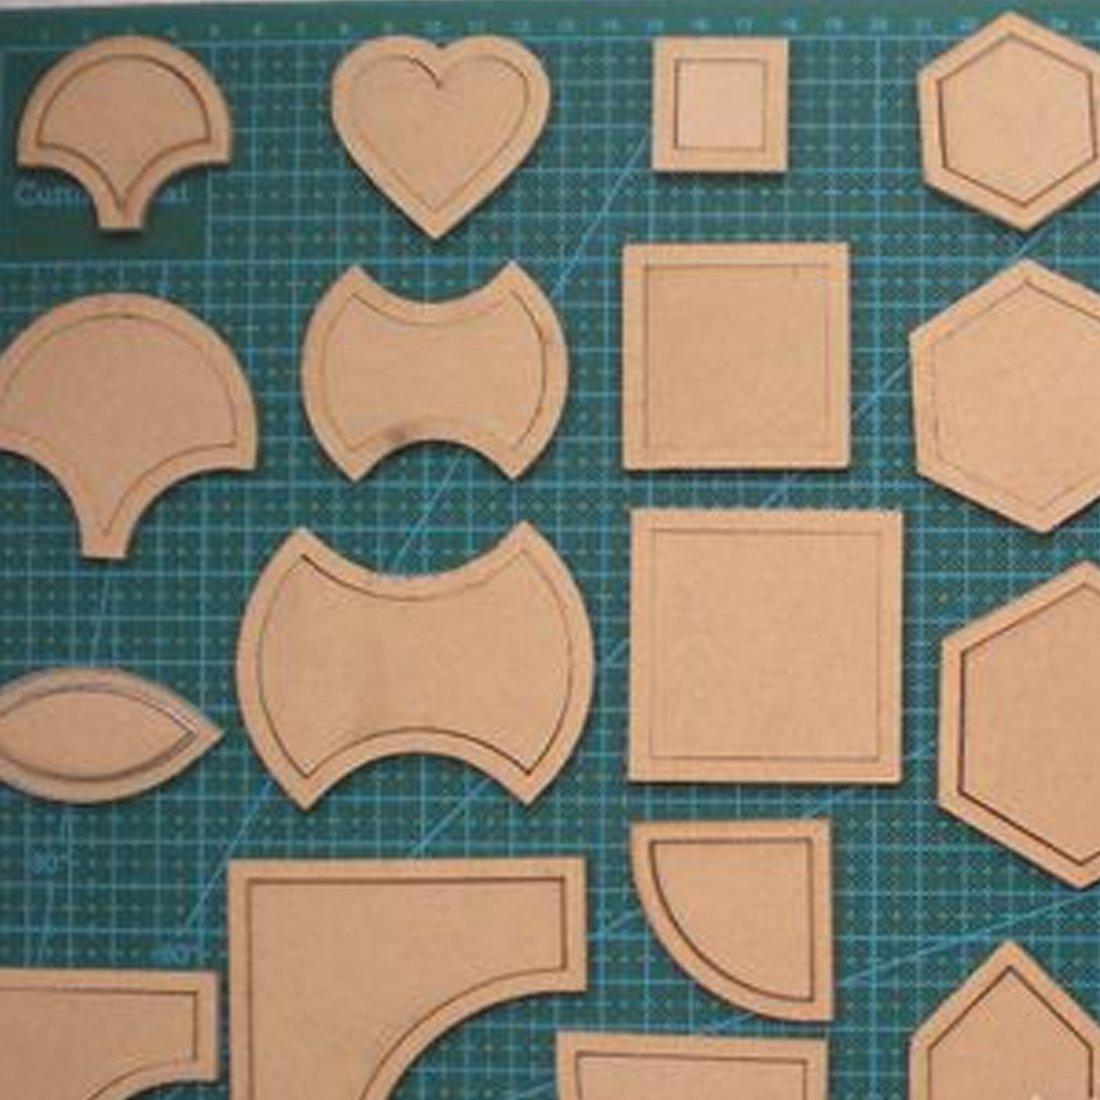 Mixed Quilt plantillas acrílico DIY herramientas para Patchwork ...